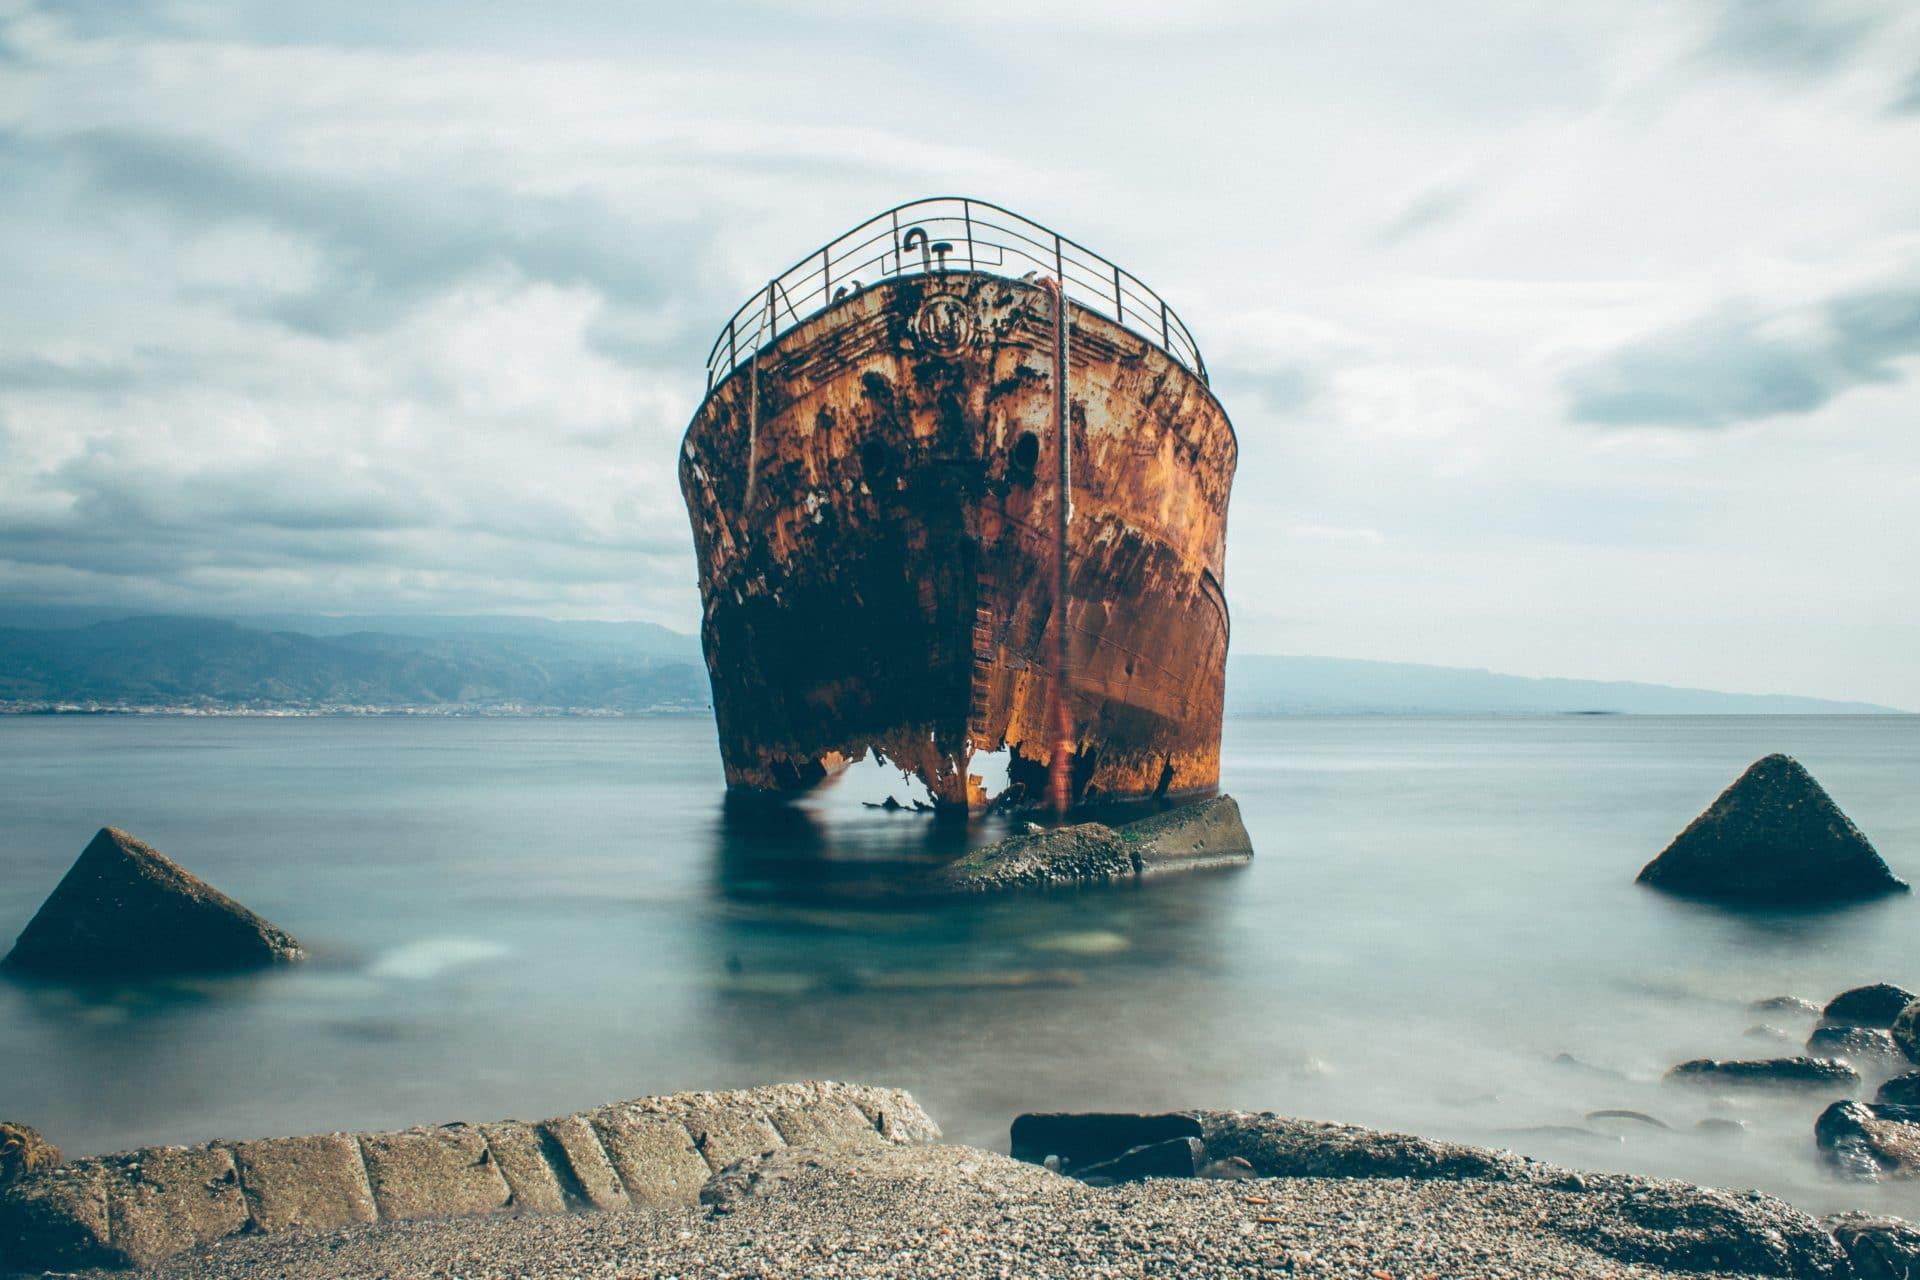 bateau rouillé échoué en bord de mer avec des troues dans sa coque